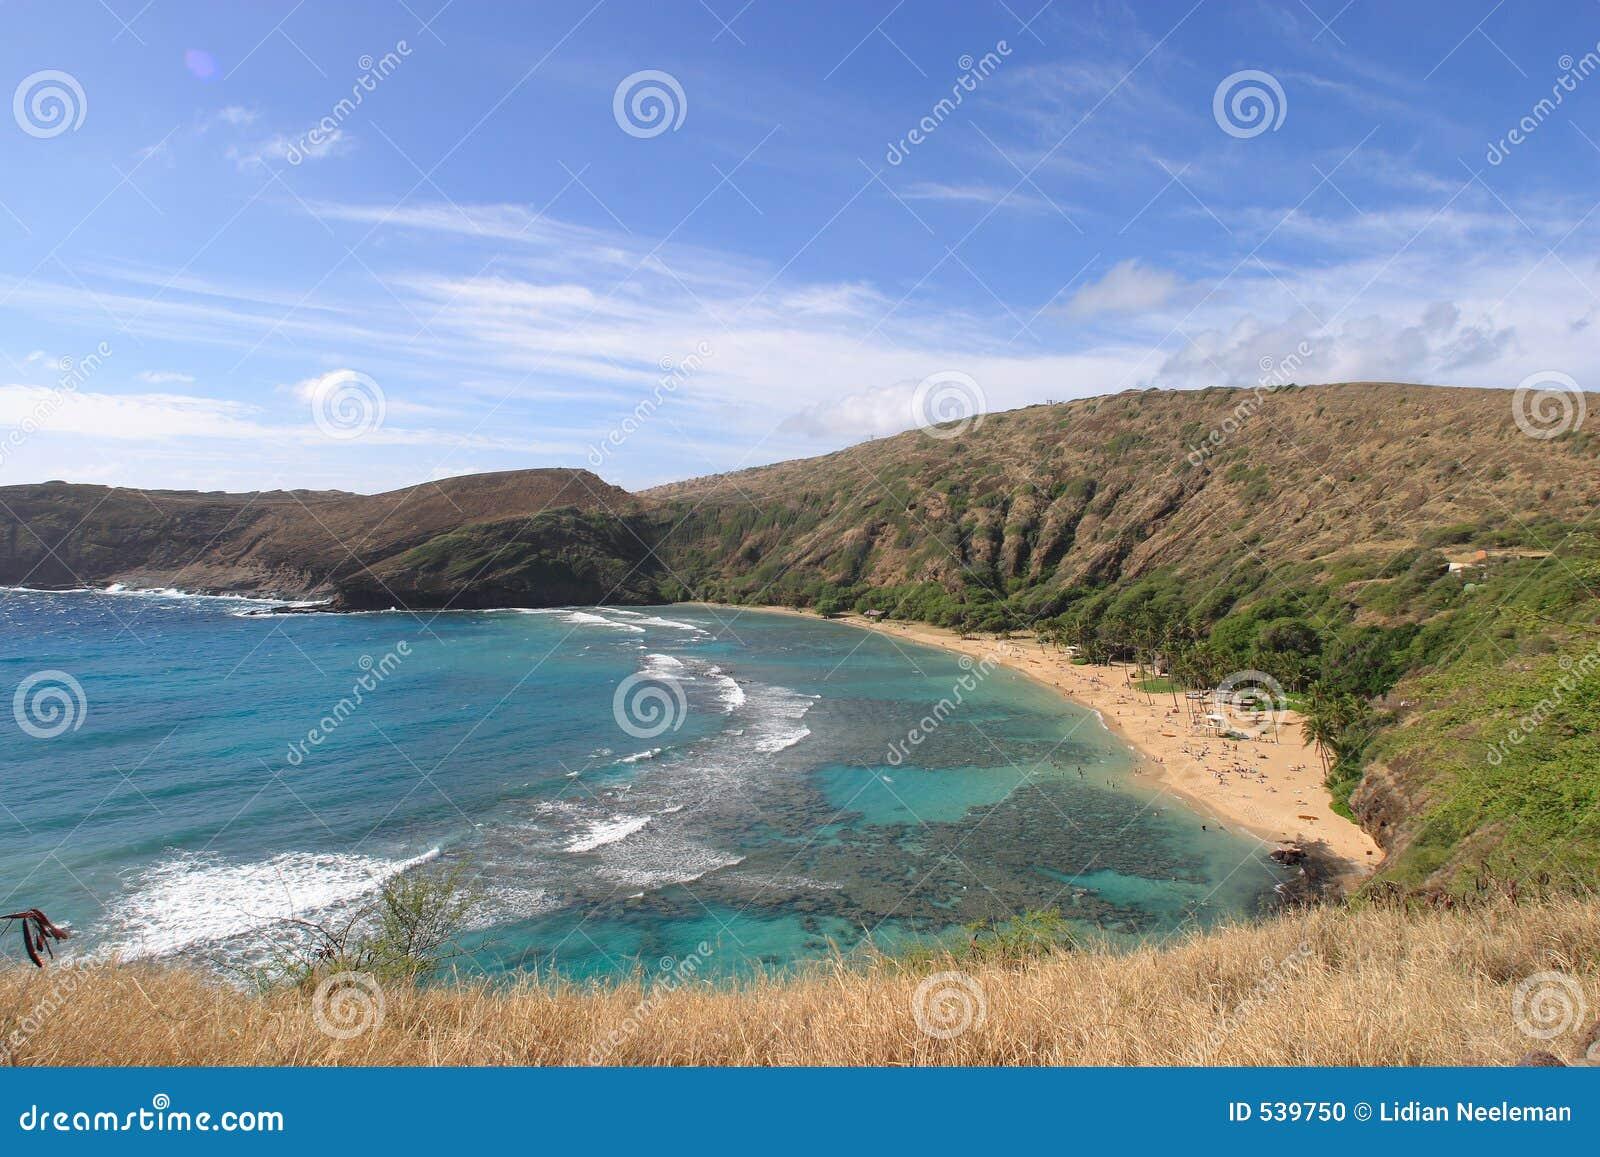 Download 海湾hanauma 库存照片. 图片 包括有 旅行, 假期, 晒裂, 旅游业, 地区, 节假日, 海洋, 游泳 - 539750